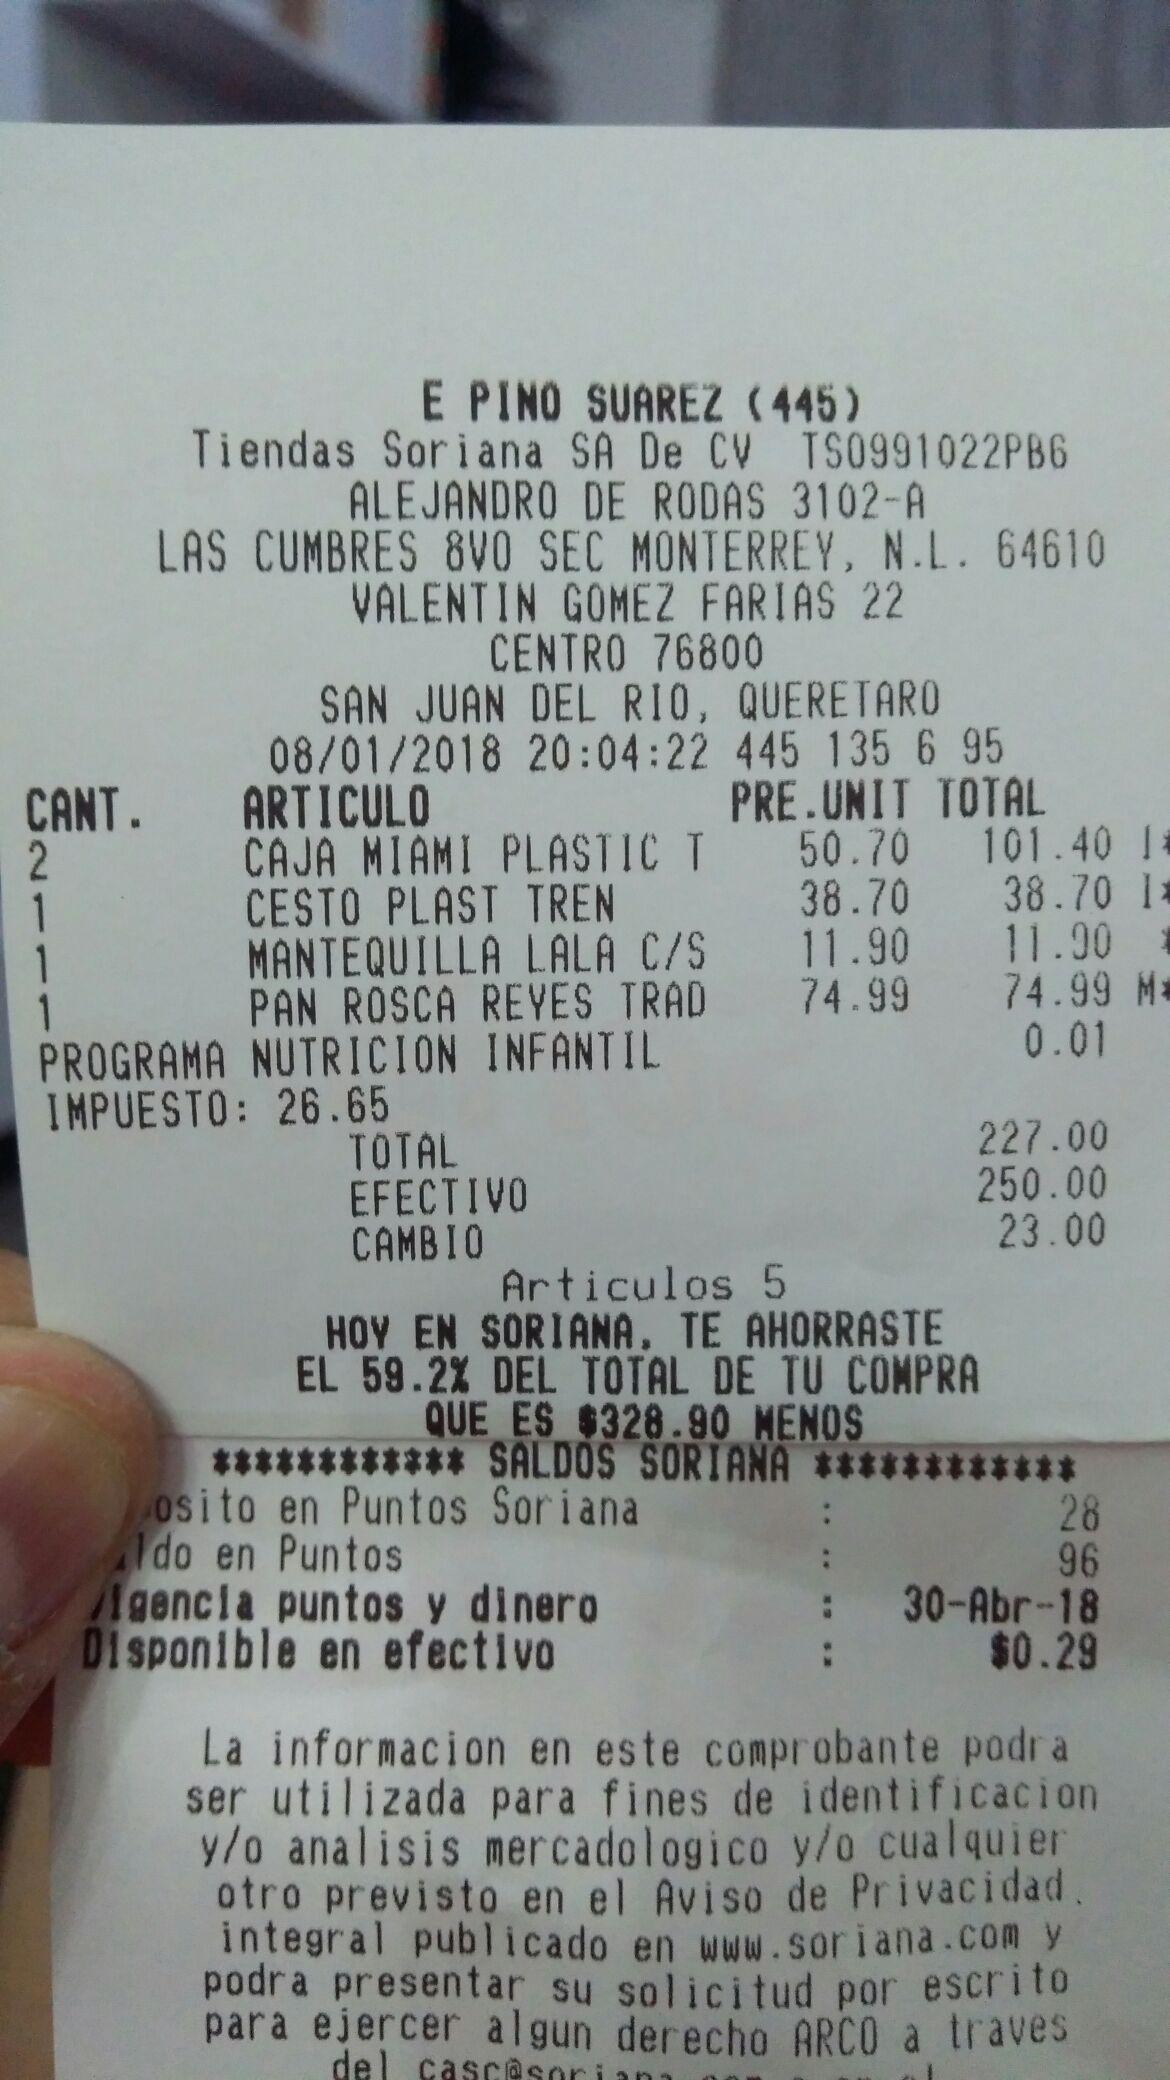 Soriana: Varias ofertas cestos, cajas y roscas